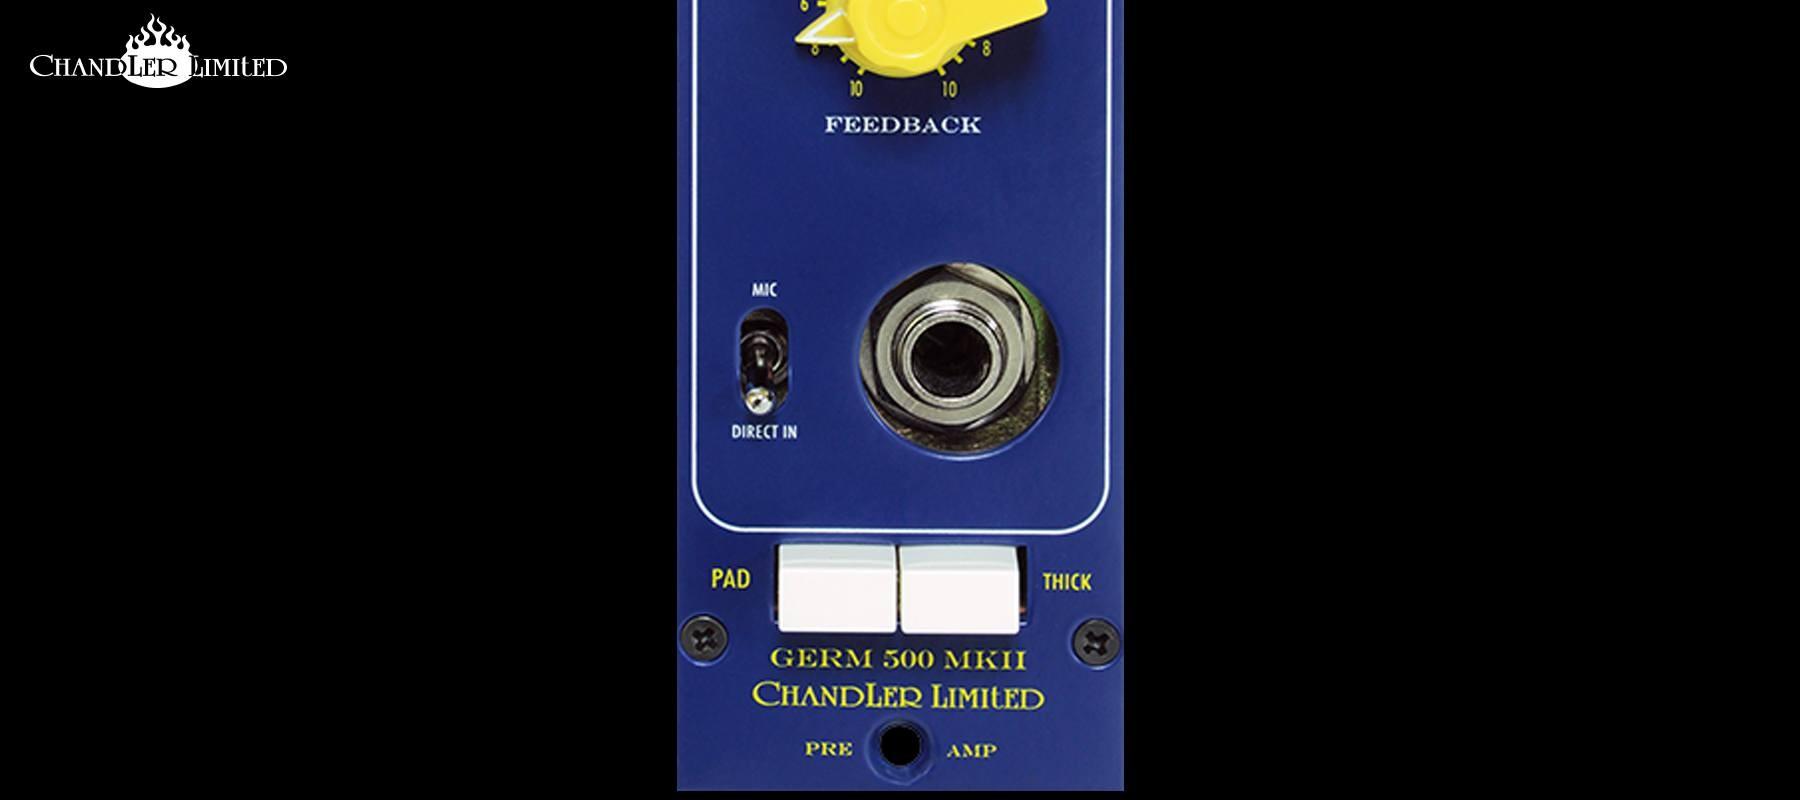 Chandler GERM 500 MKII